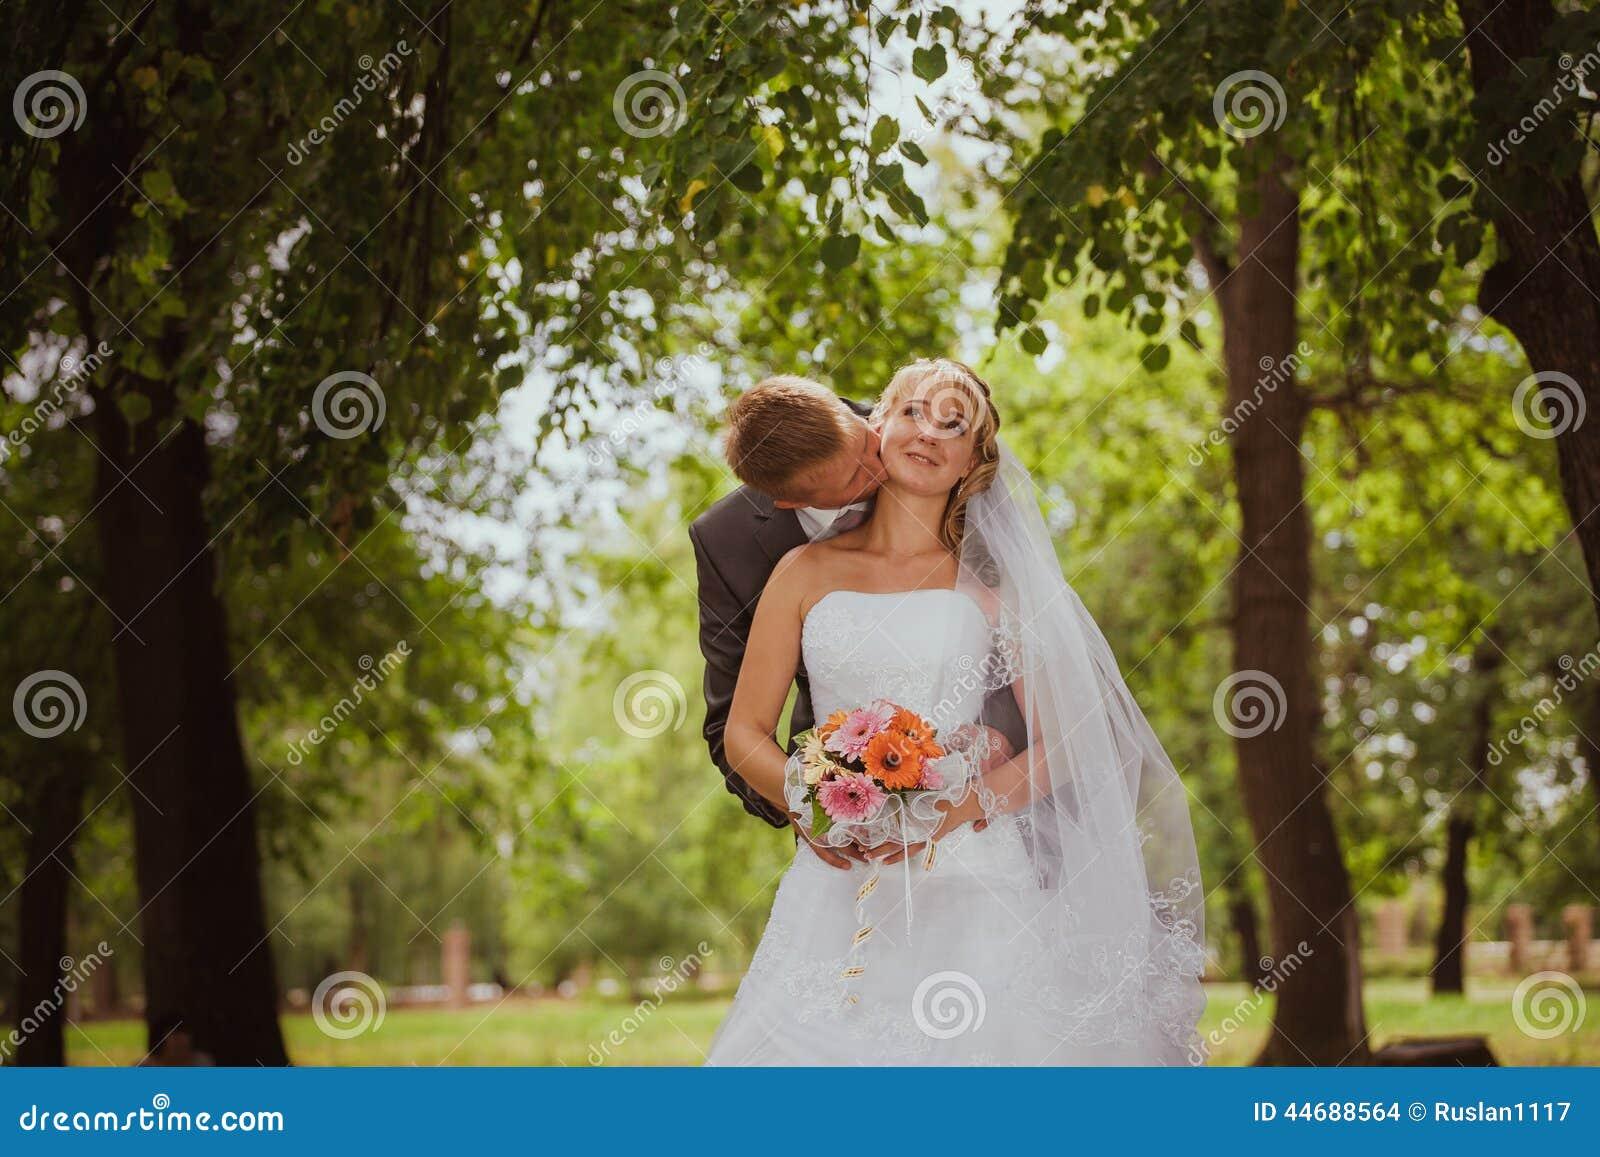 Bruid en bruidegom in park het kussen de bruid en de bruidegom van paarjonggehuwden bij een huwelijk in aard groen bos kussen fot